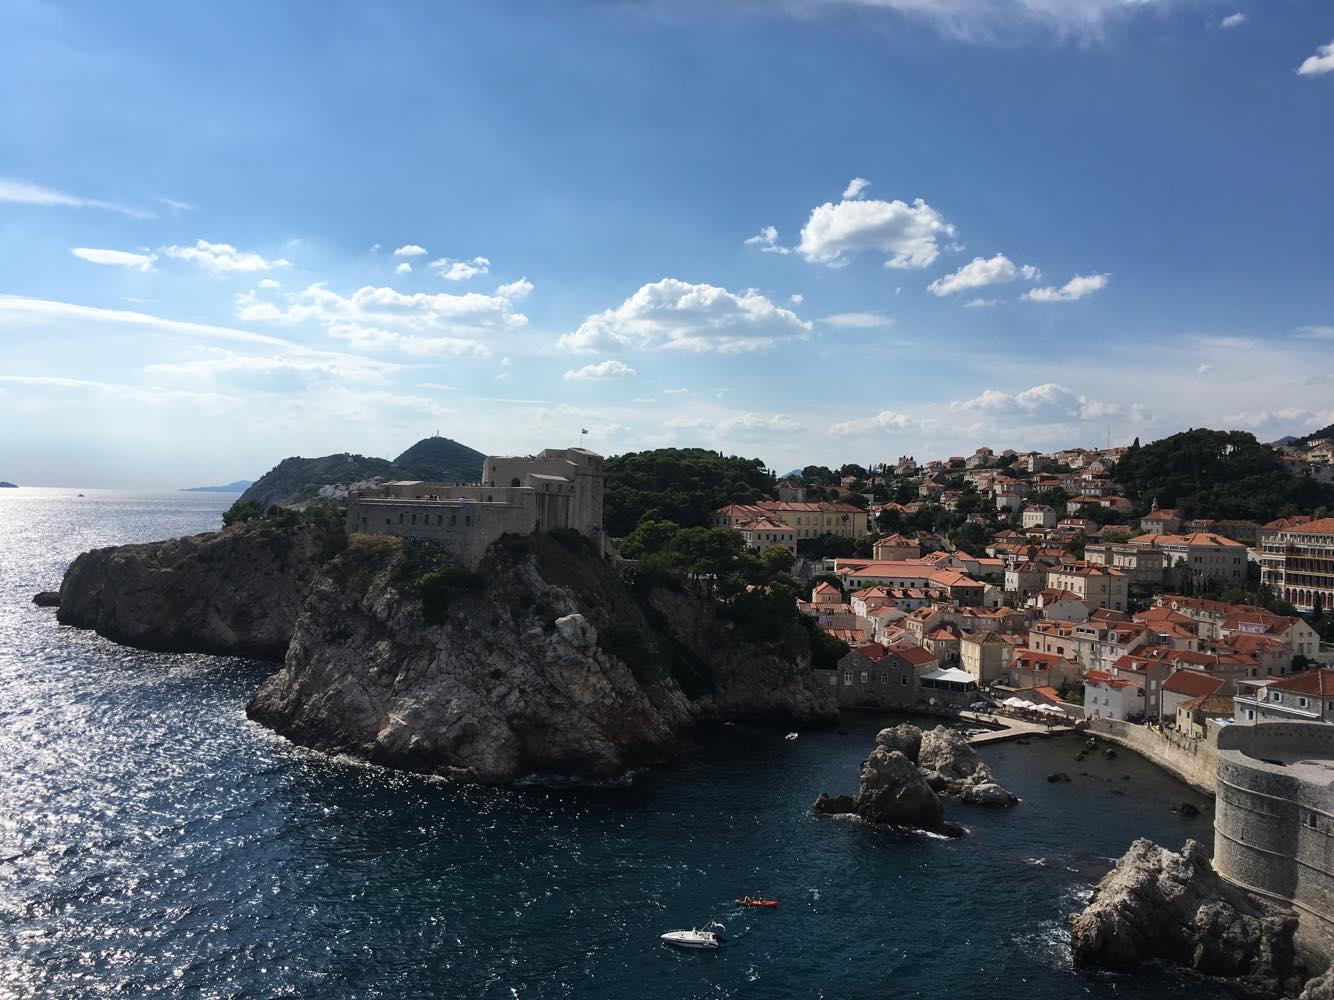 Cel mai vizitat oraș din Croația, Dubrovnik